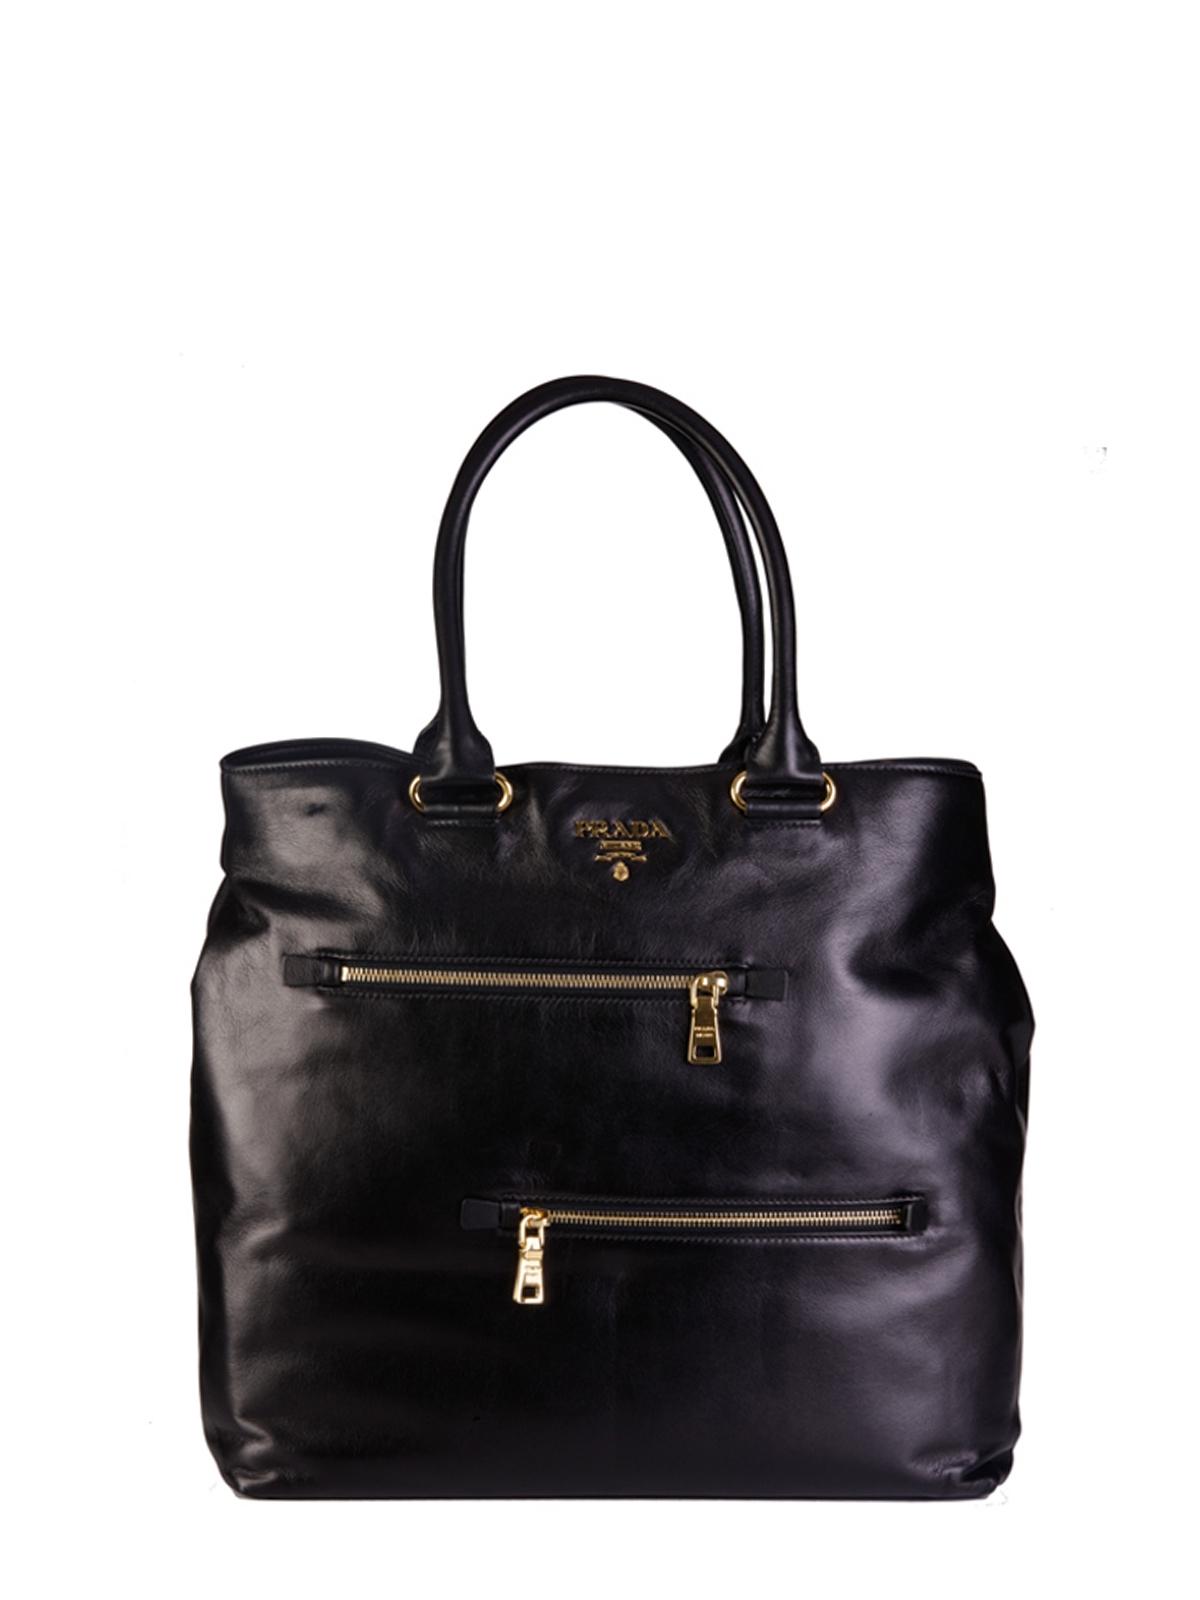 Prada Tote Laukku : Prada black soft calf leather tote in lyst